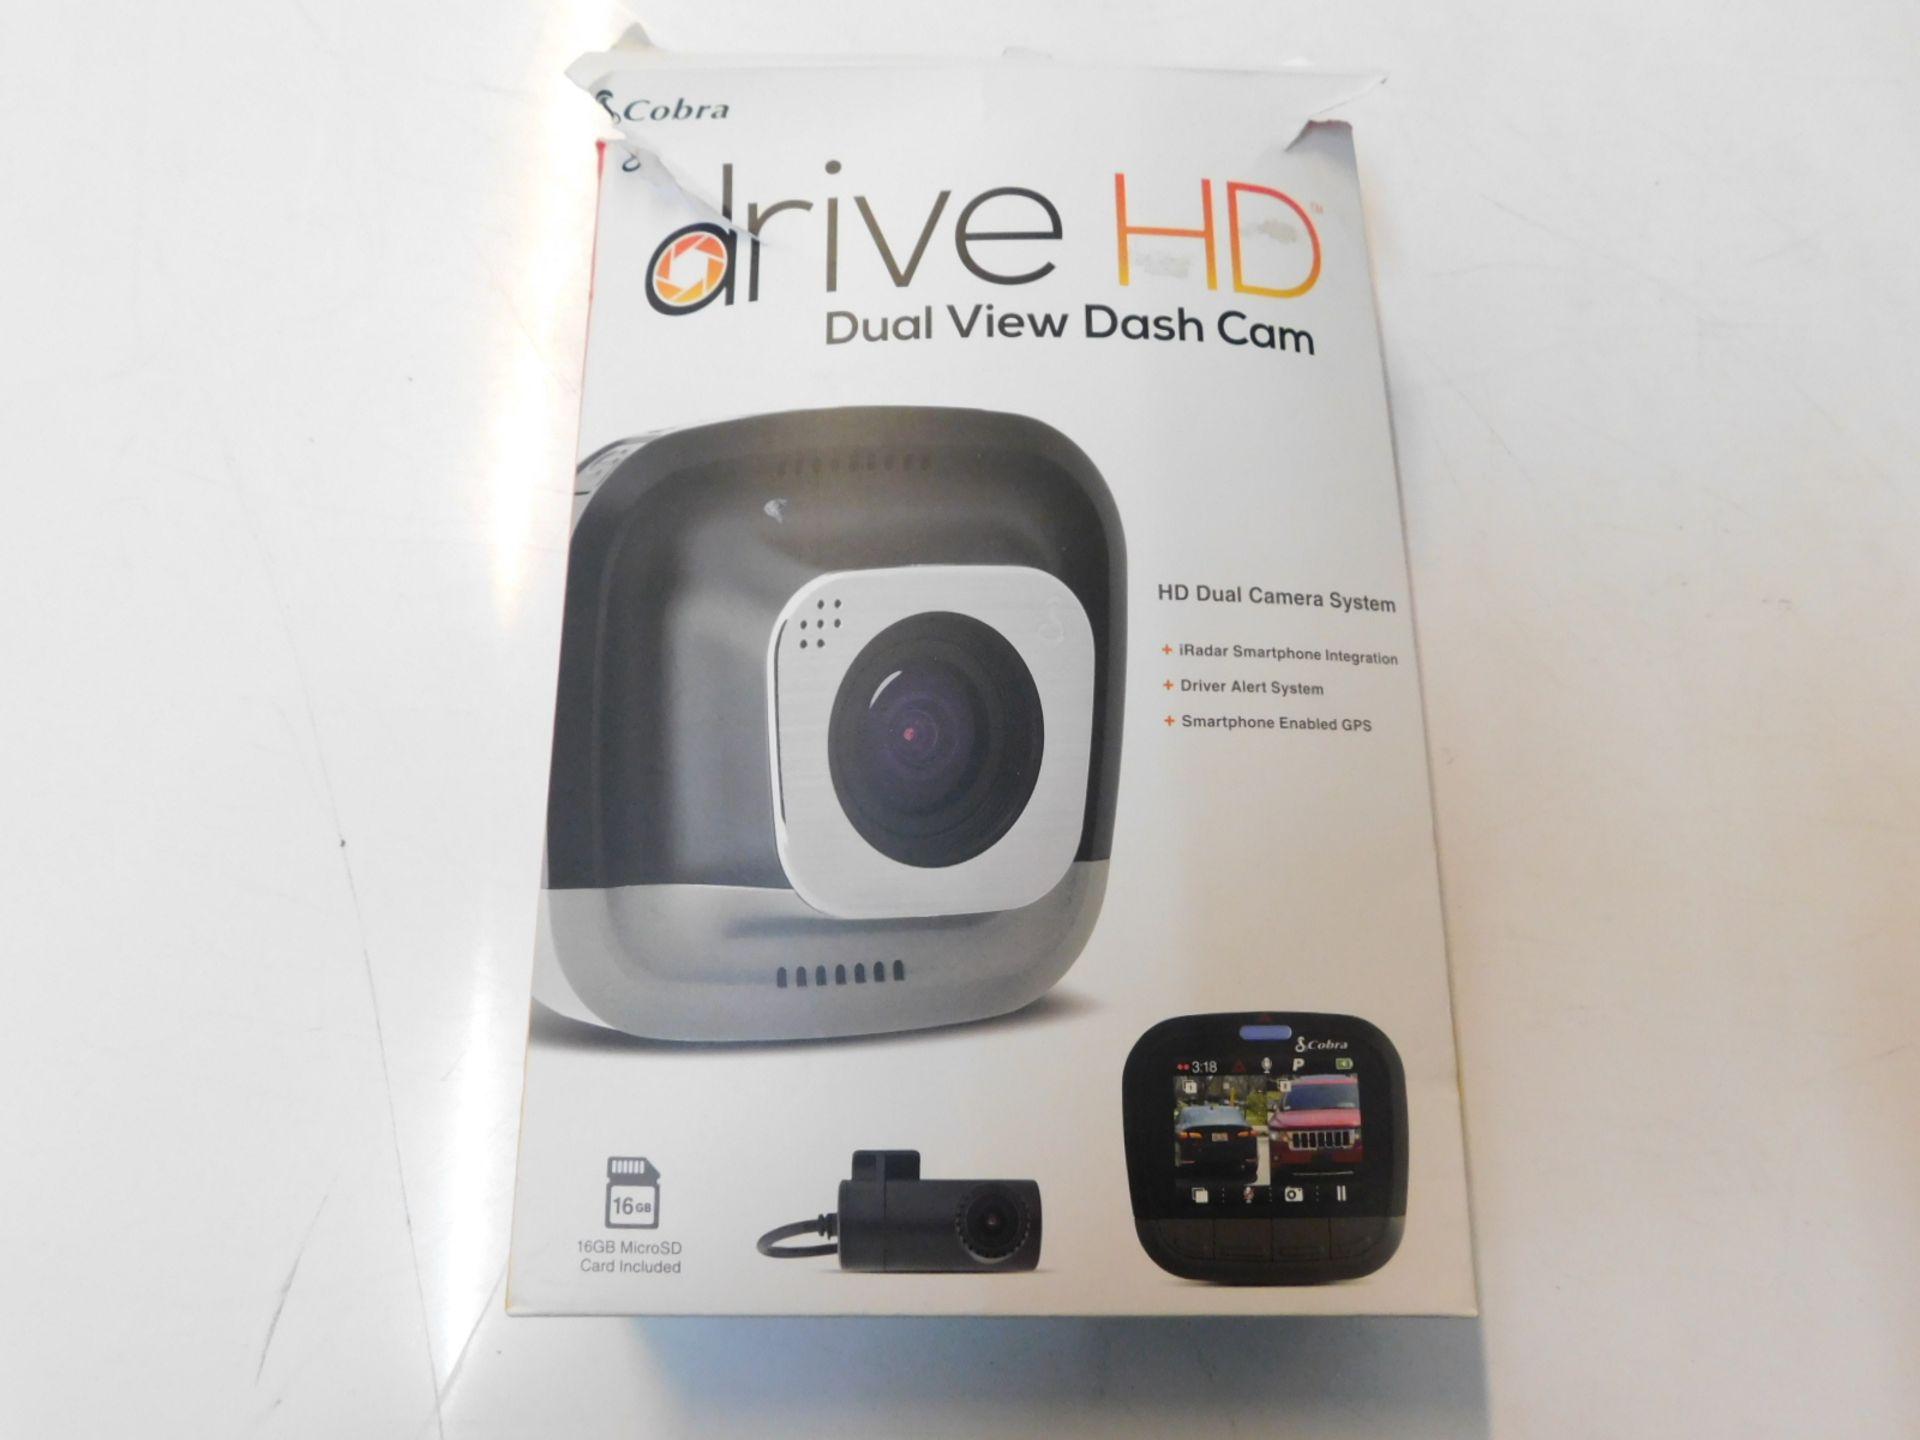 Lot 815 - 1 PACK OF COBRA DRIVE HD DUAL VIEW DASH CAM RRP £199